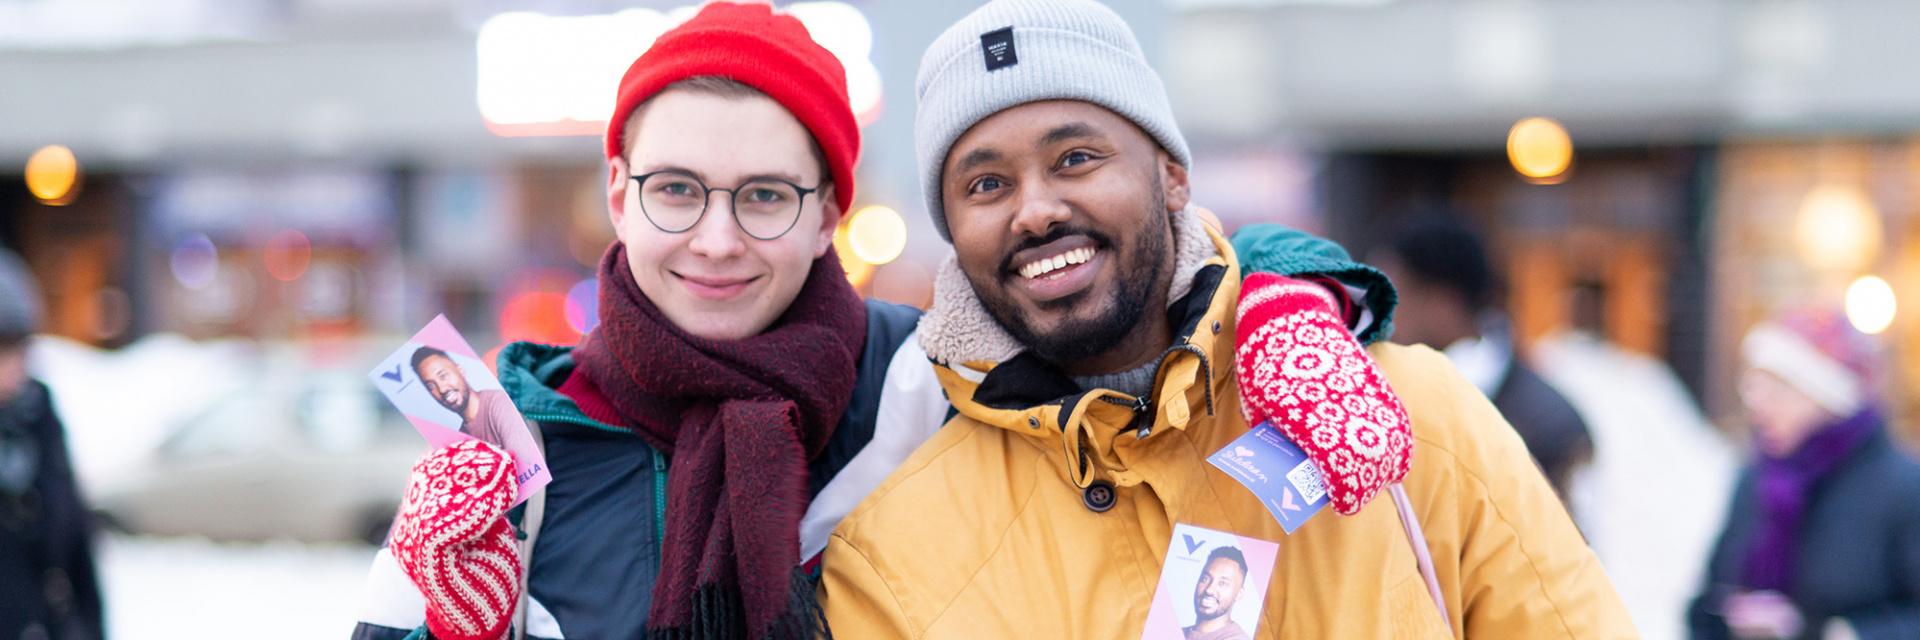 Två aktivister delar ut flyern.